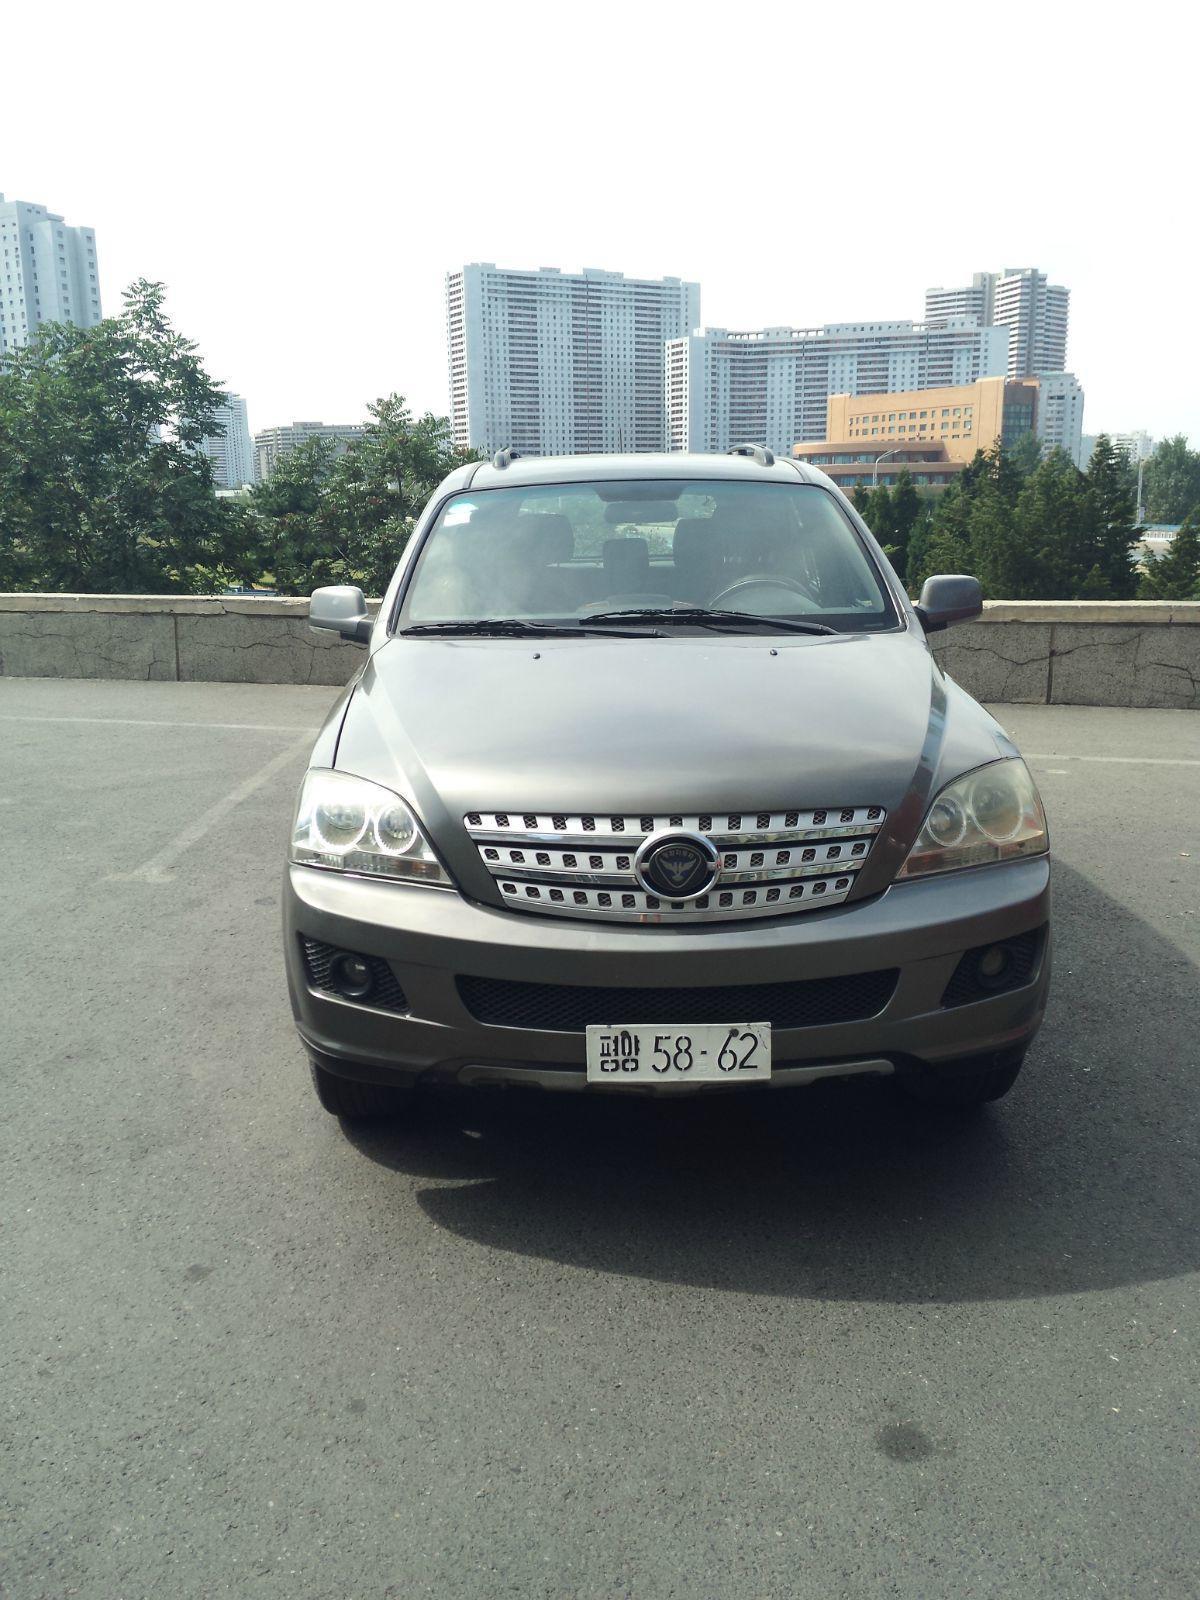 朝鲜自主品牌汽车